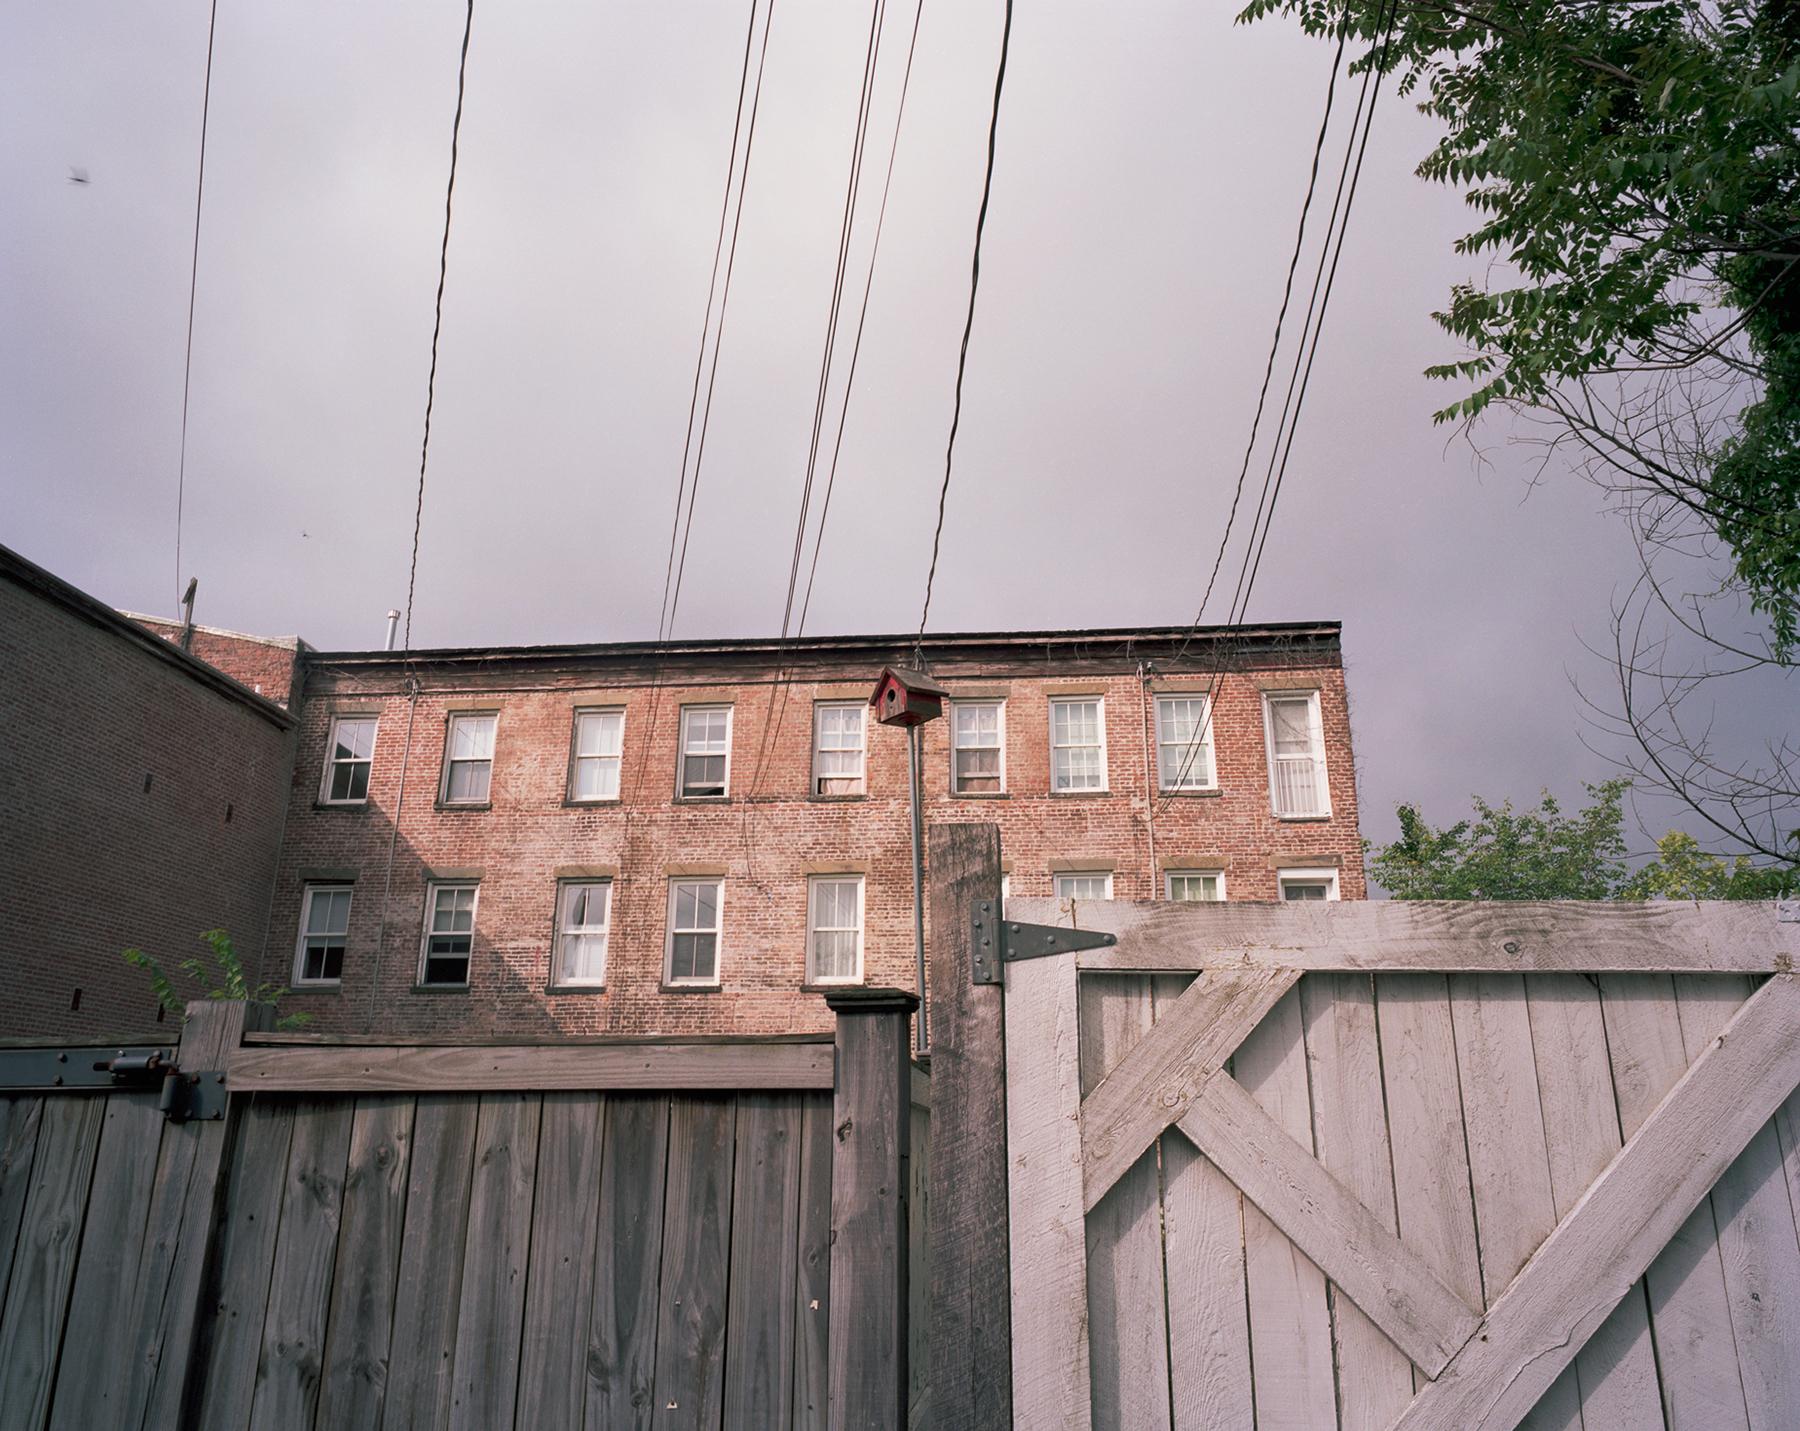 PrisonLittleBirdHouseGoodSmall.jpg